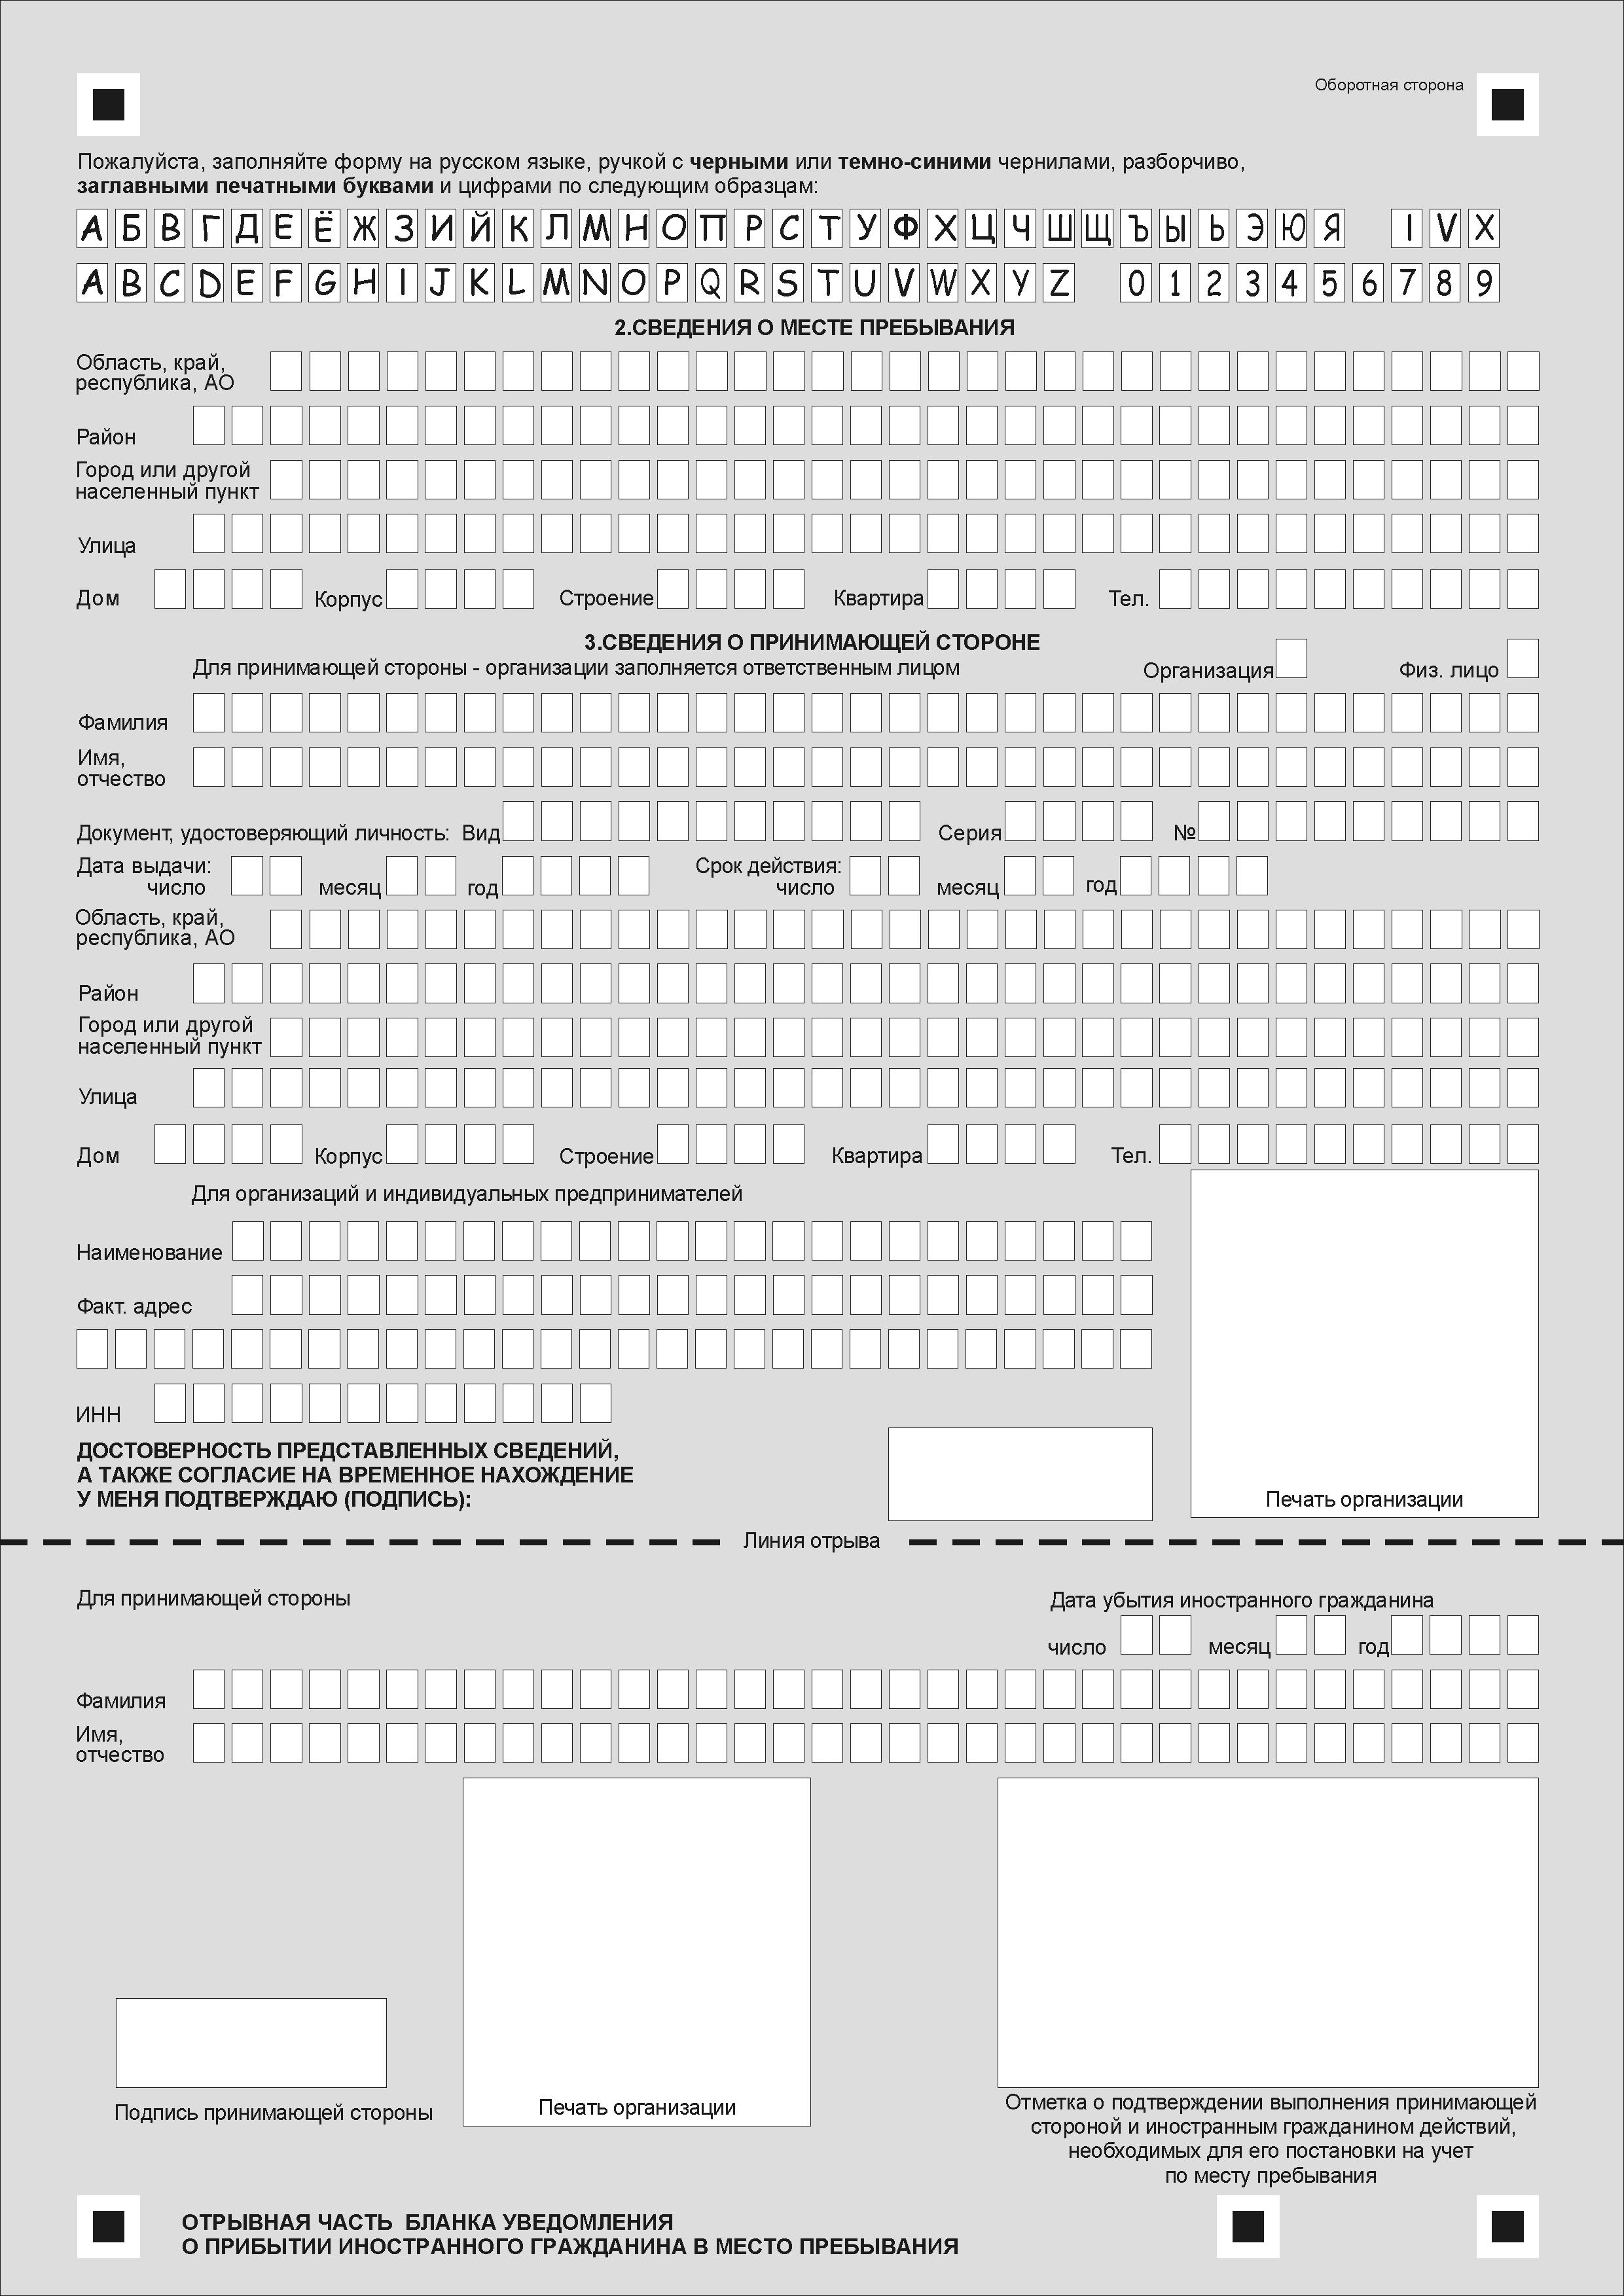 образец заявления иностранного гражданина о регистрации